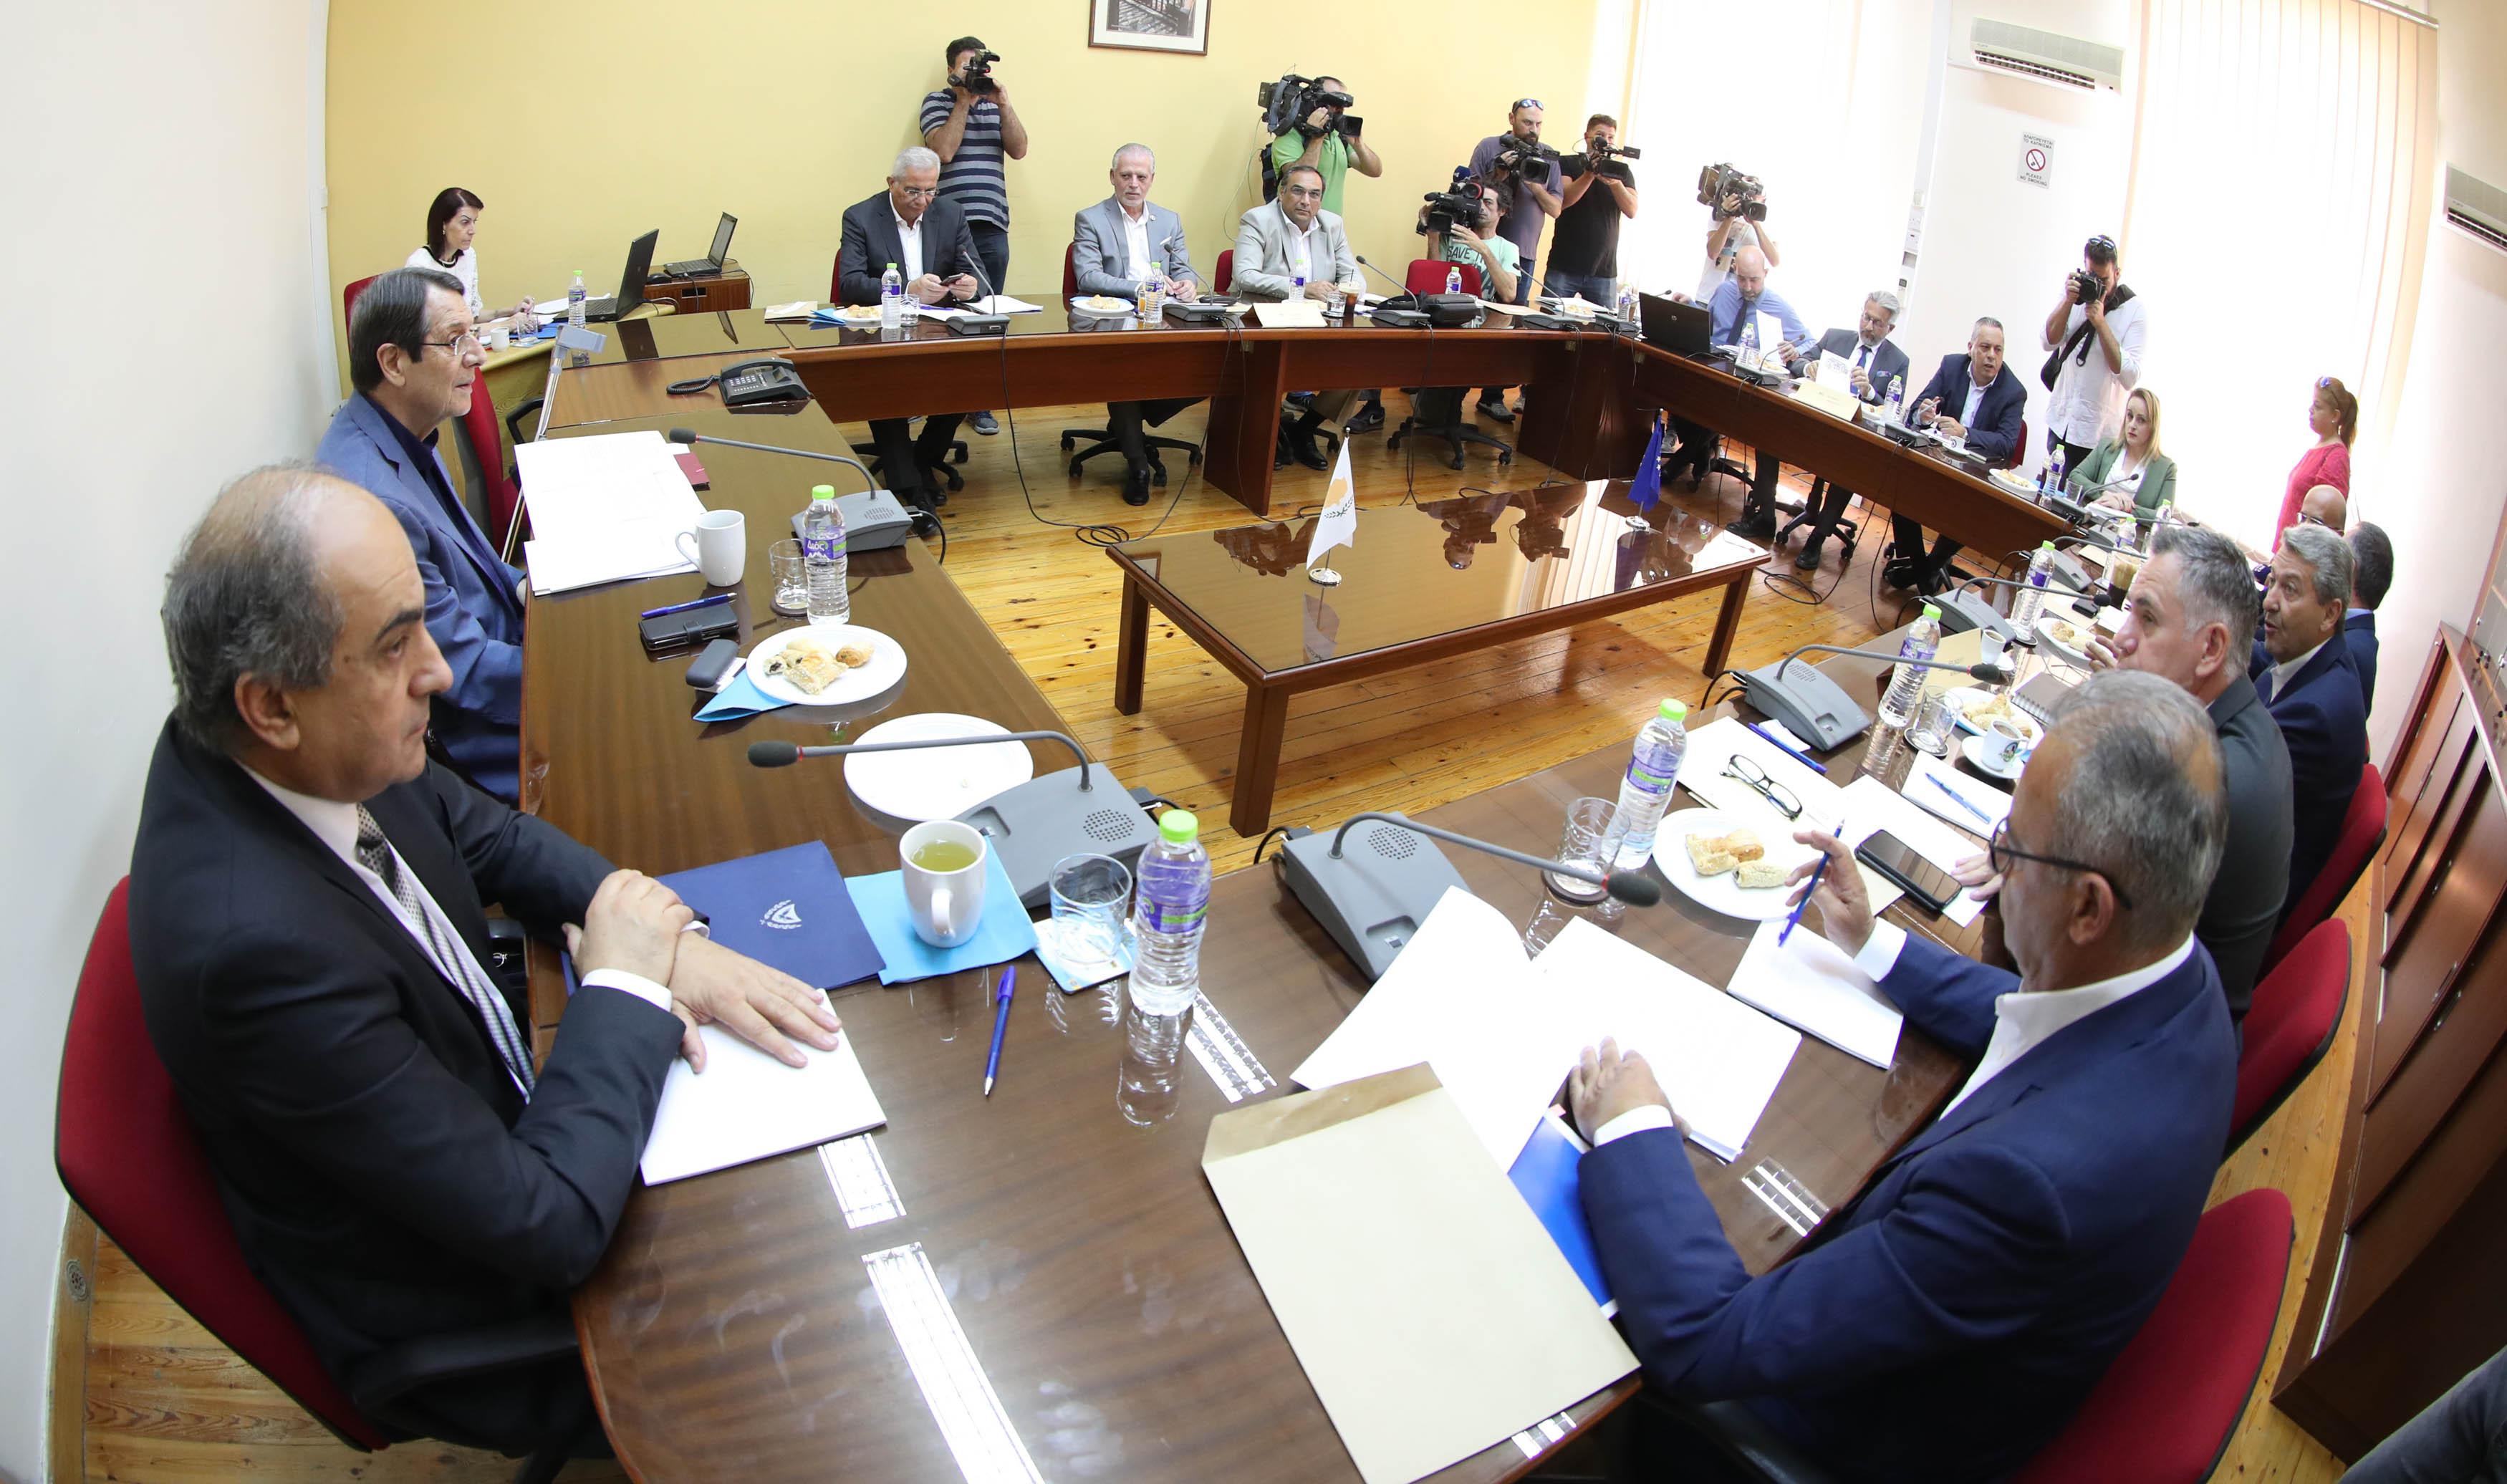 Σύσκεψη με τους πολιτικούς αρχηγούς θα έχει σήμερα ο Αναστασιάδης ενόψει 9ης Αυγούστου